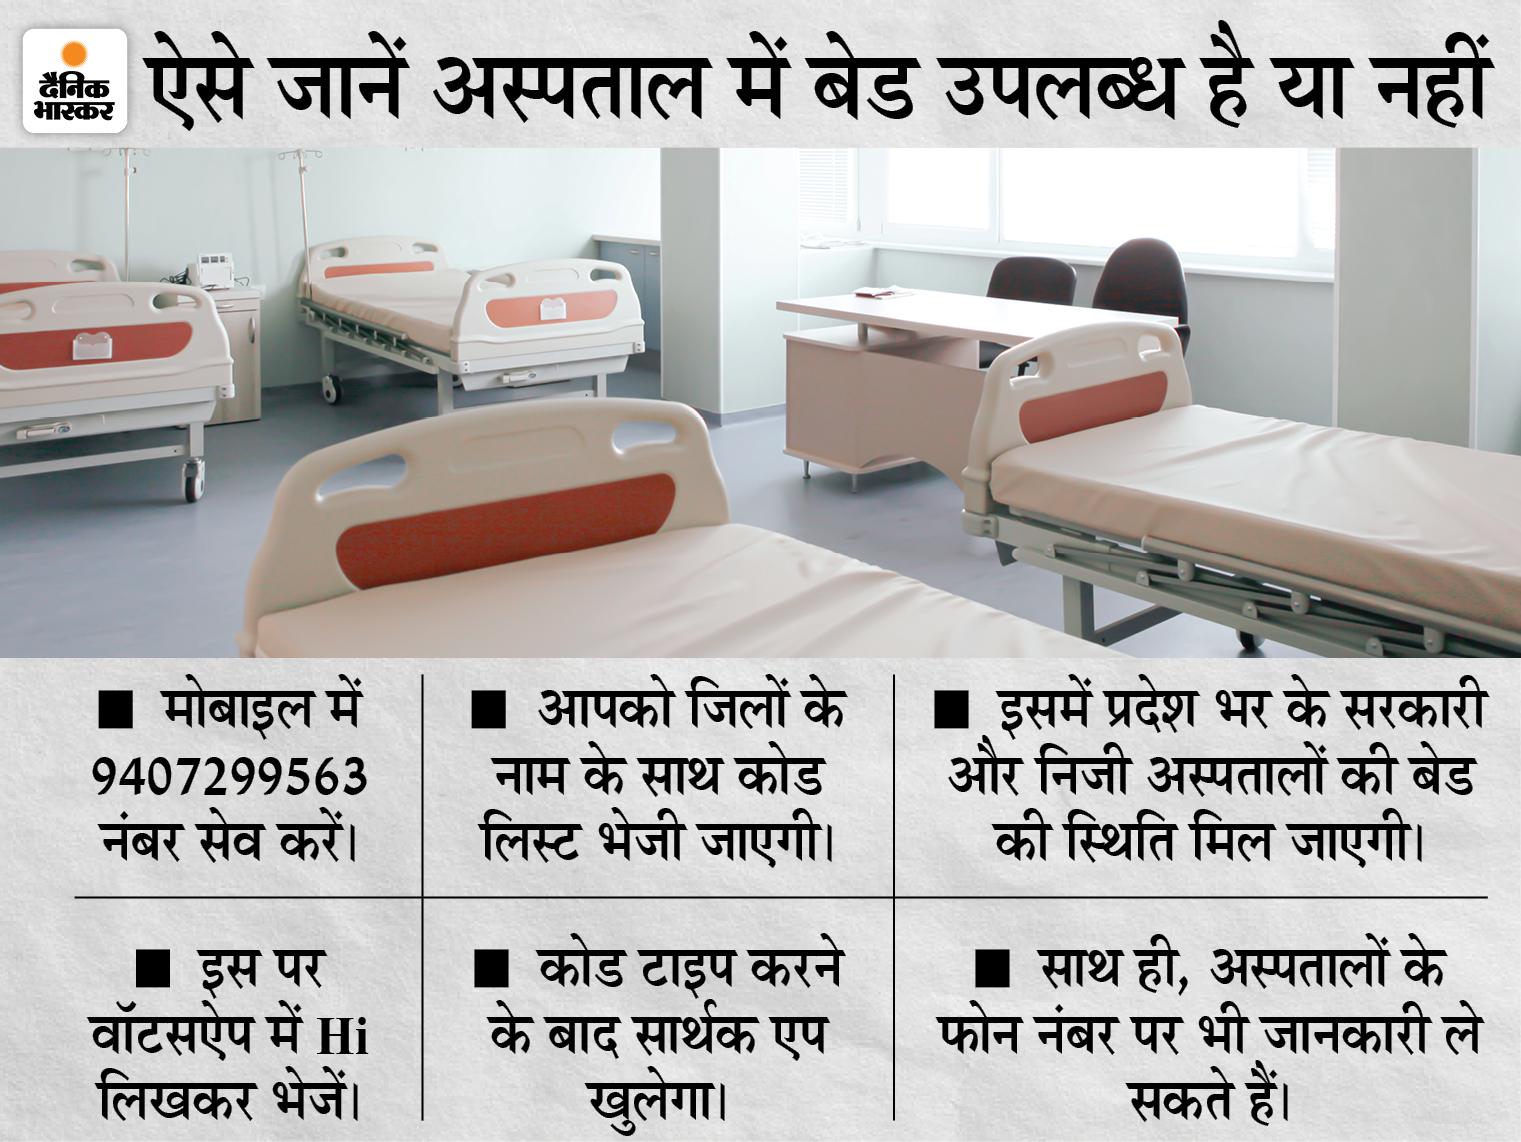 सरकार ने अस्पतालों में बेड के ताजा हालात पता करने वाट्सऐप सेवा शुरू की; नहीं पड़ेगी भटकने की जरुरत|मध्य प्रदेश,Madhya Pradesh - Dainik Bhaskar